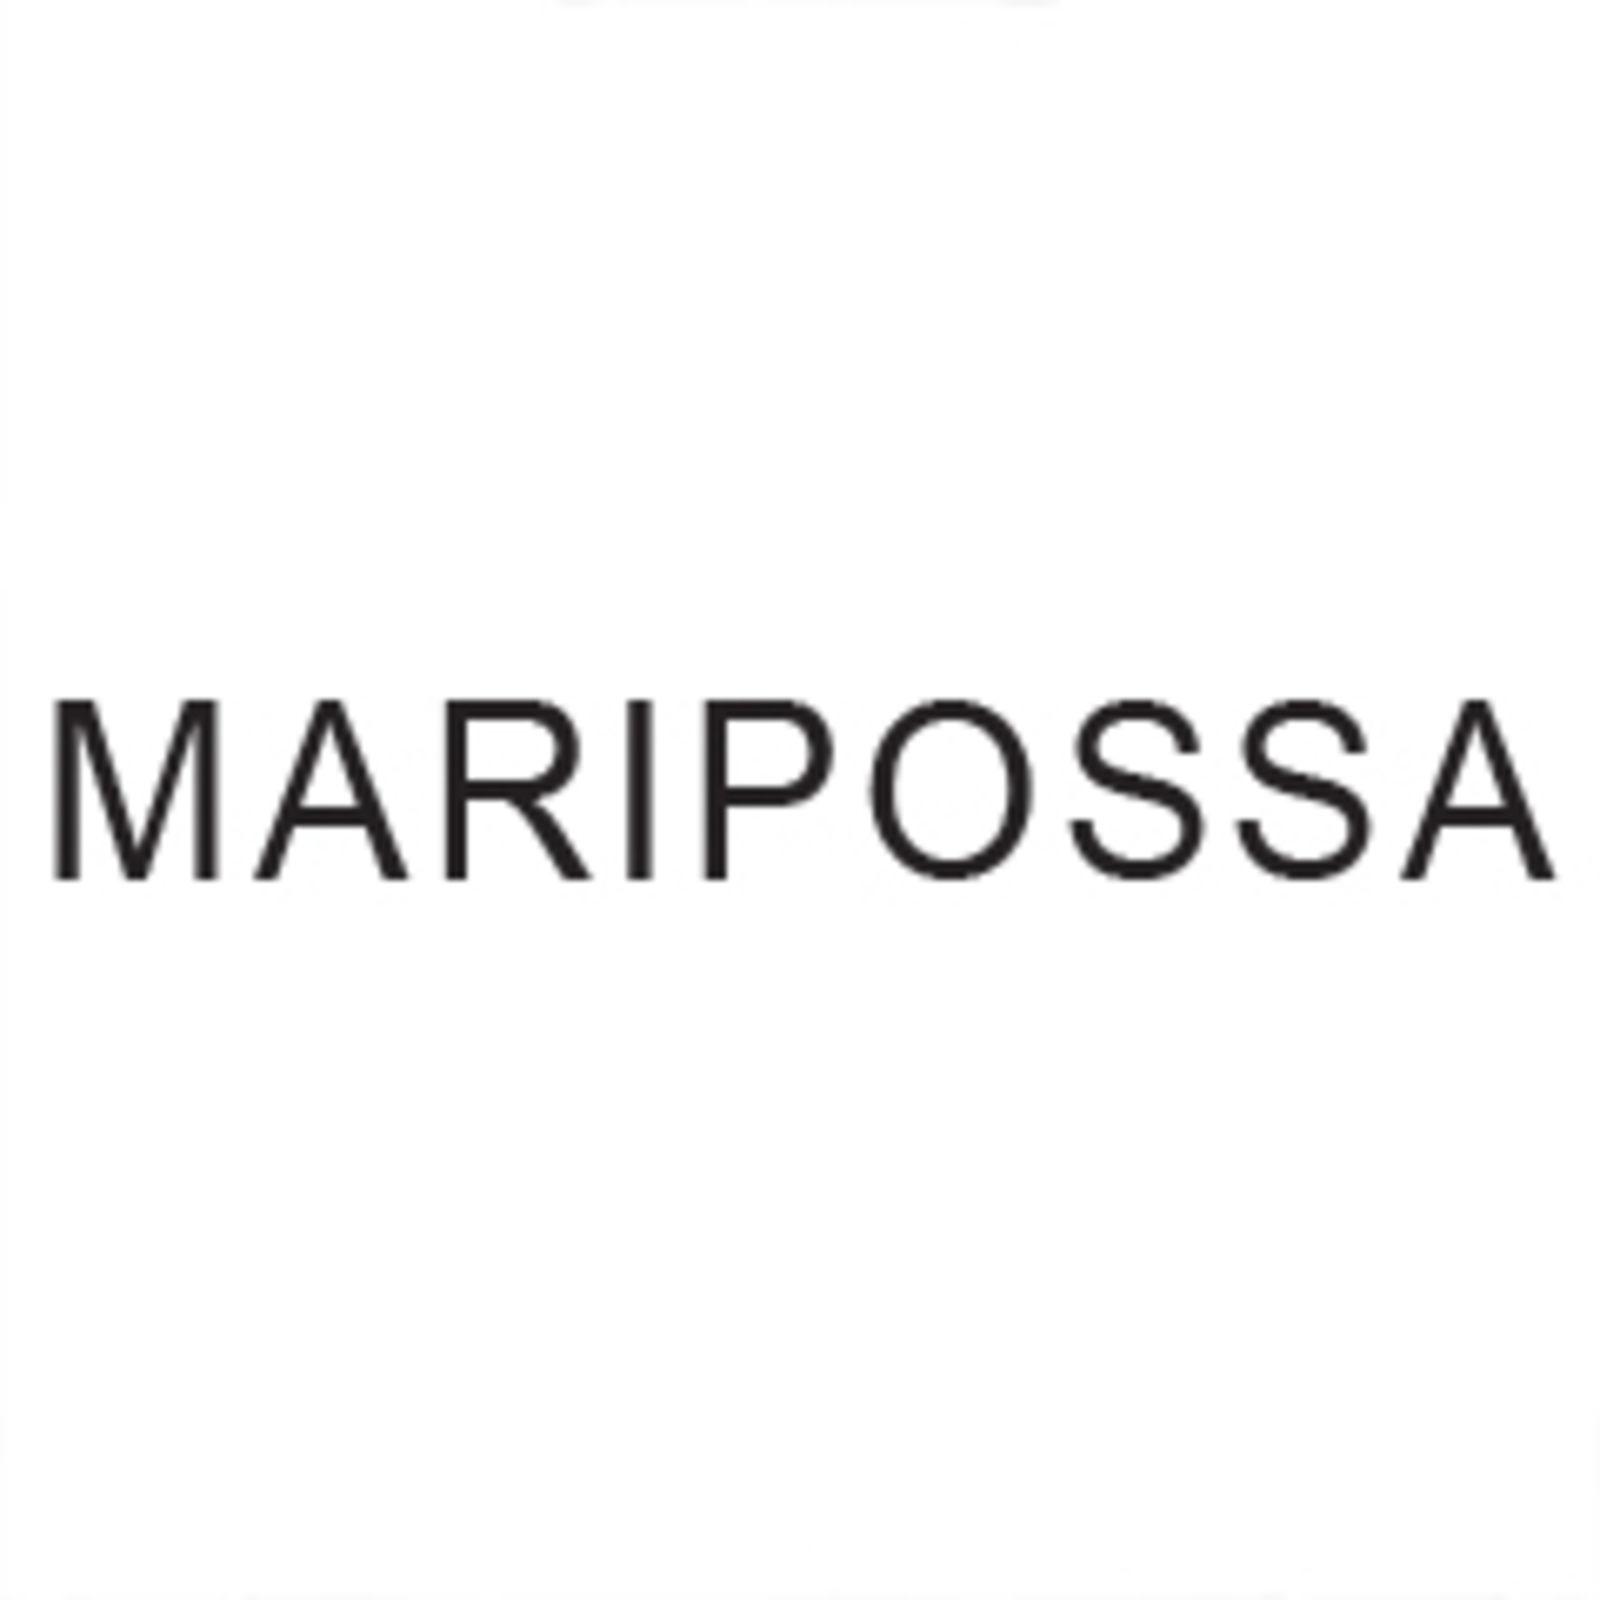 MARIPOSSA